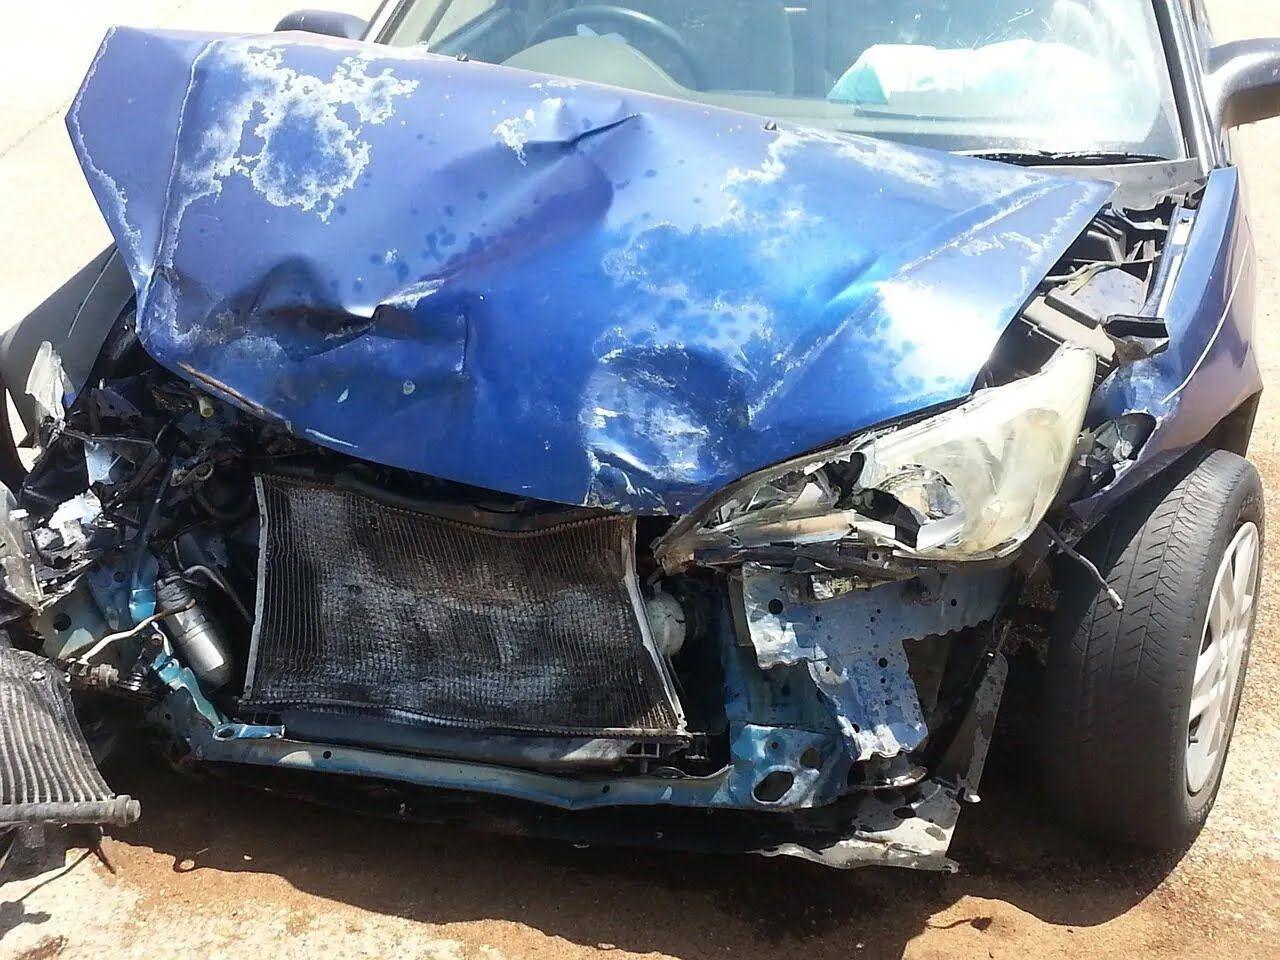 У певної категорії автовласників можуть виникнути проблеми з техоглядом